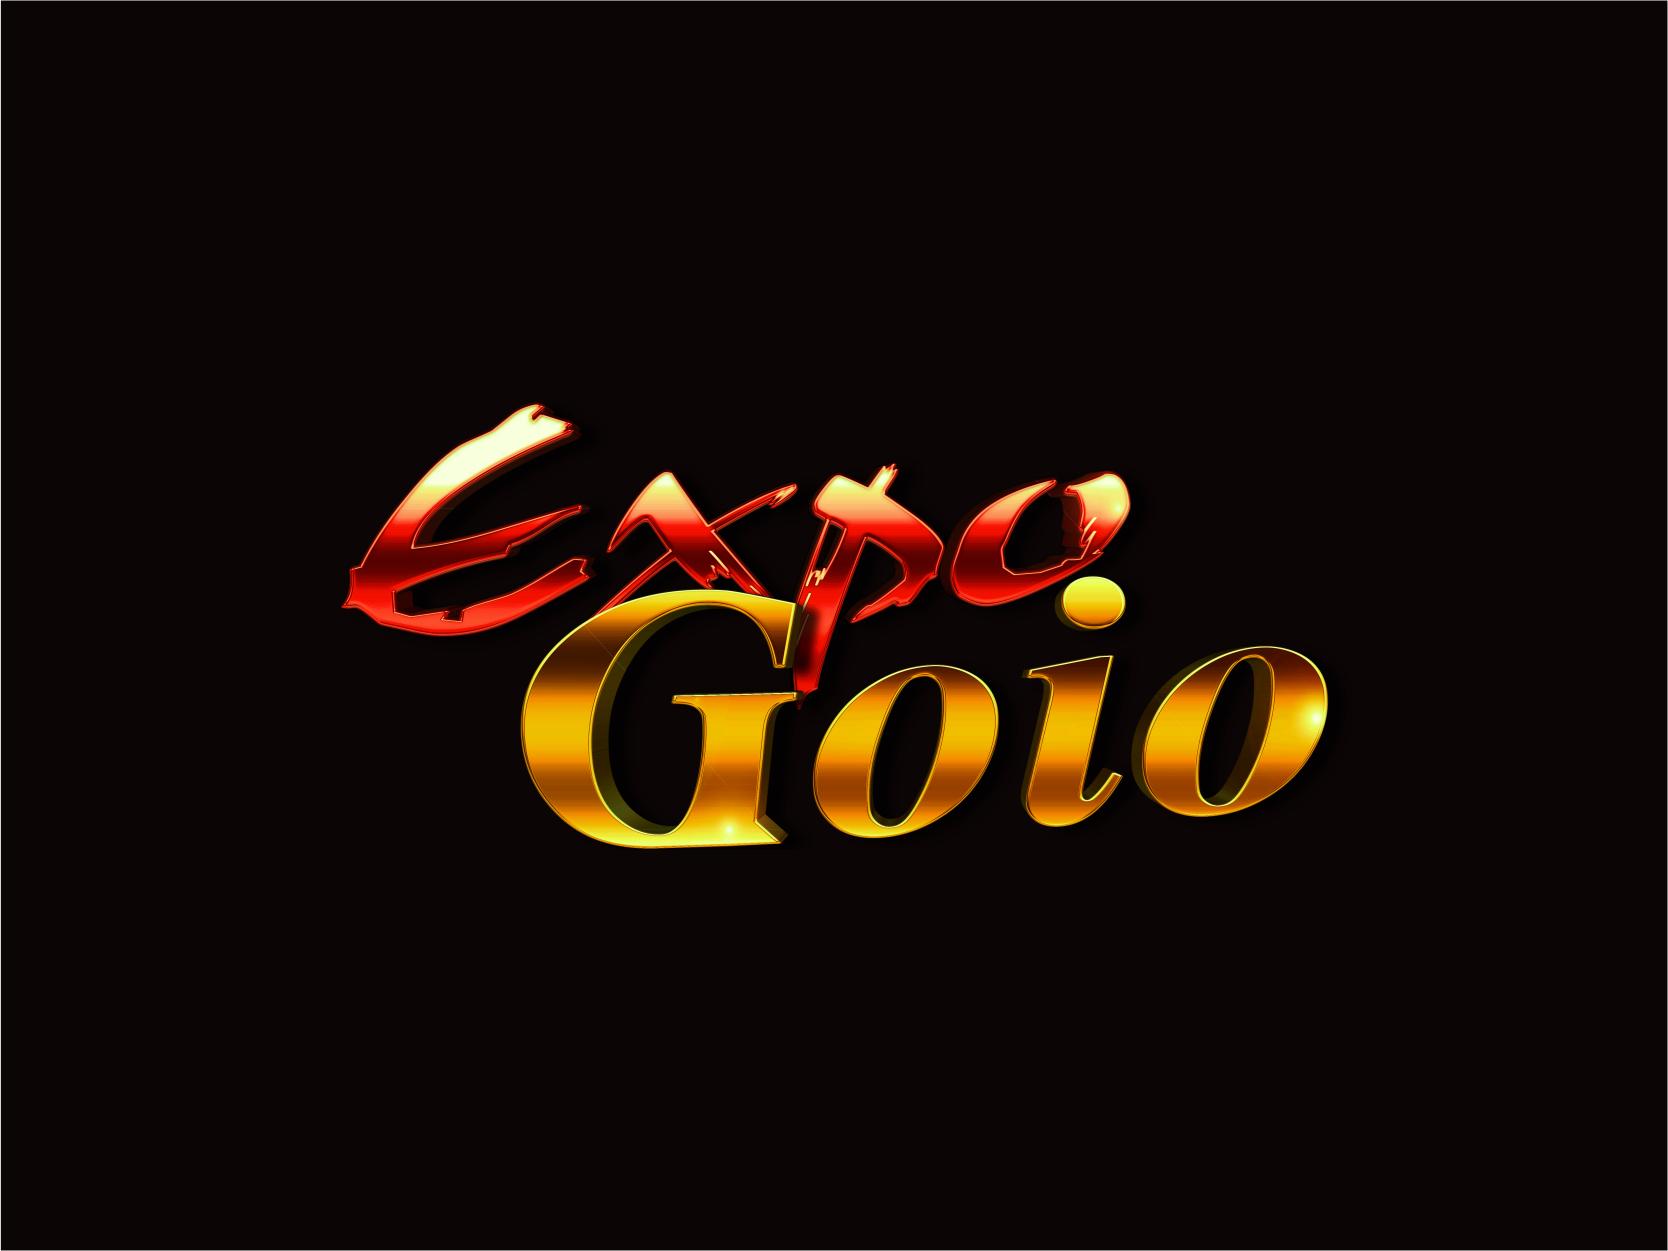 Expo Goio